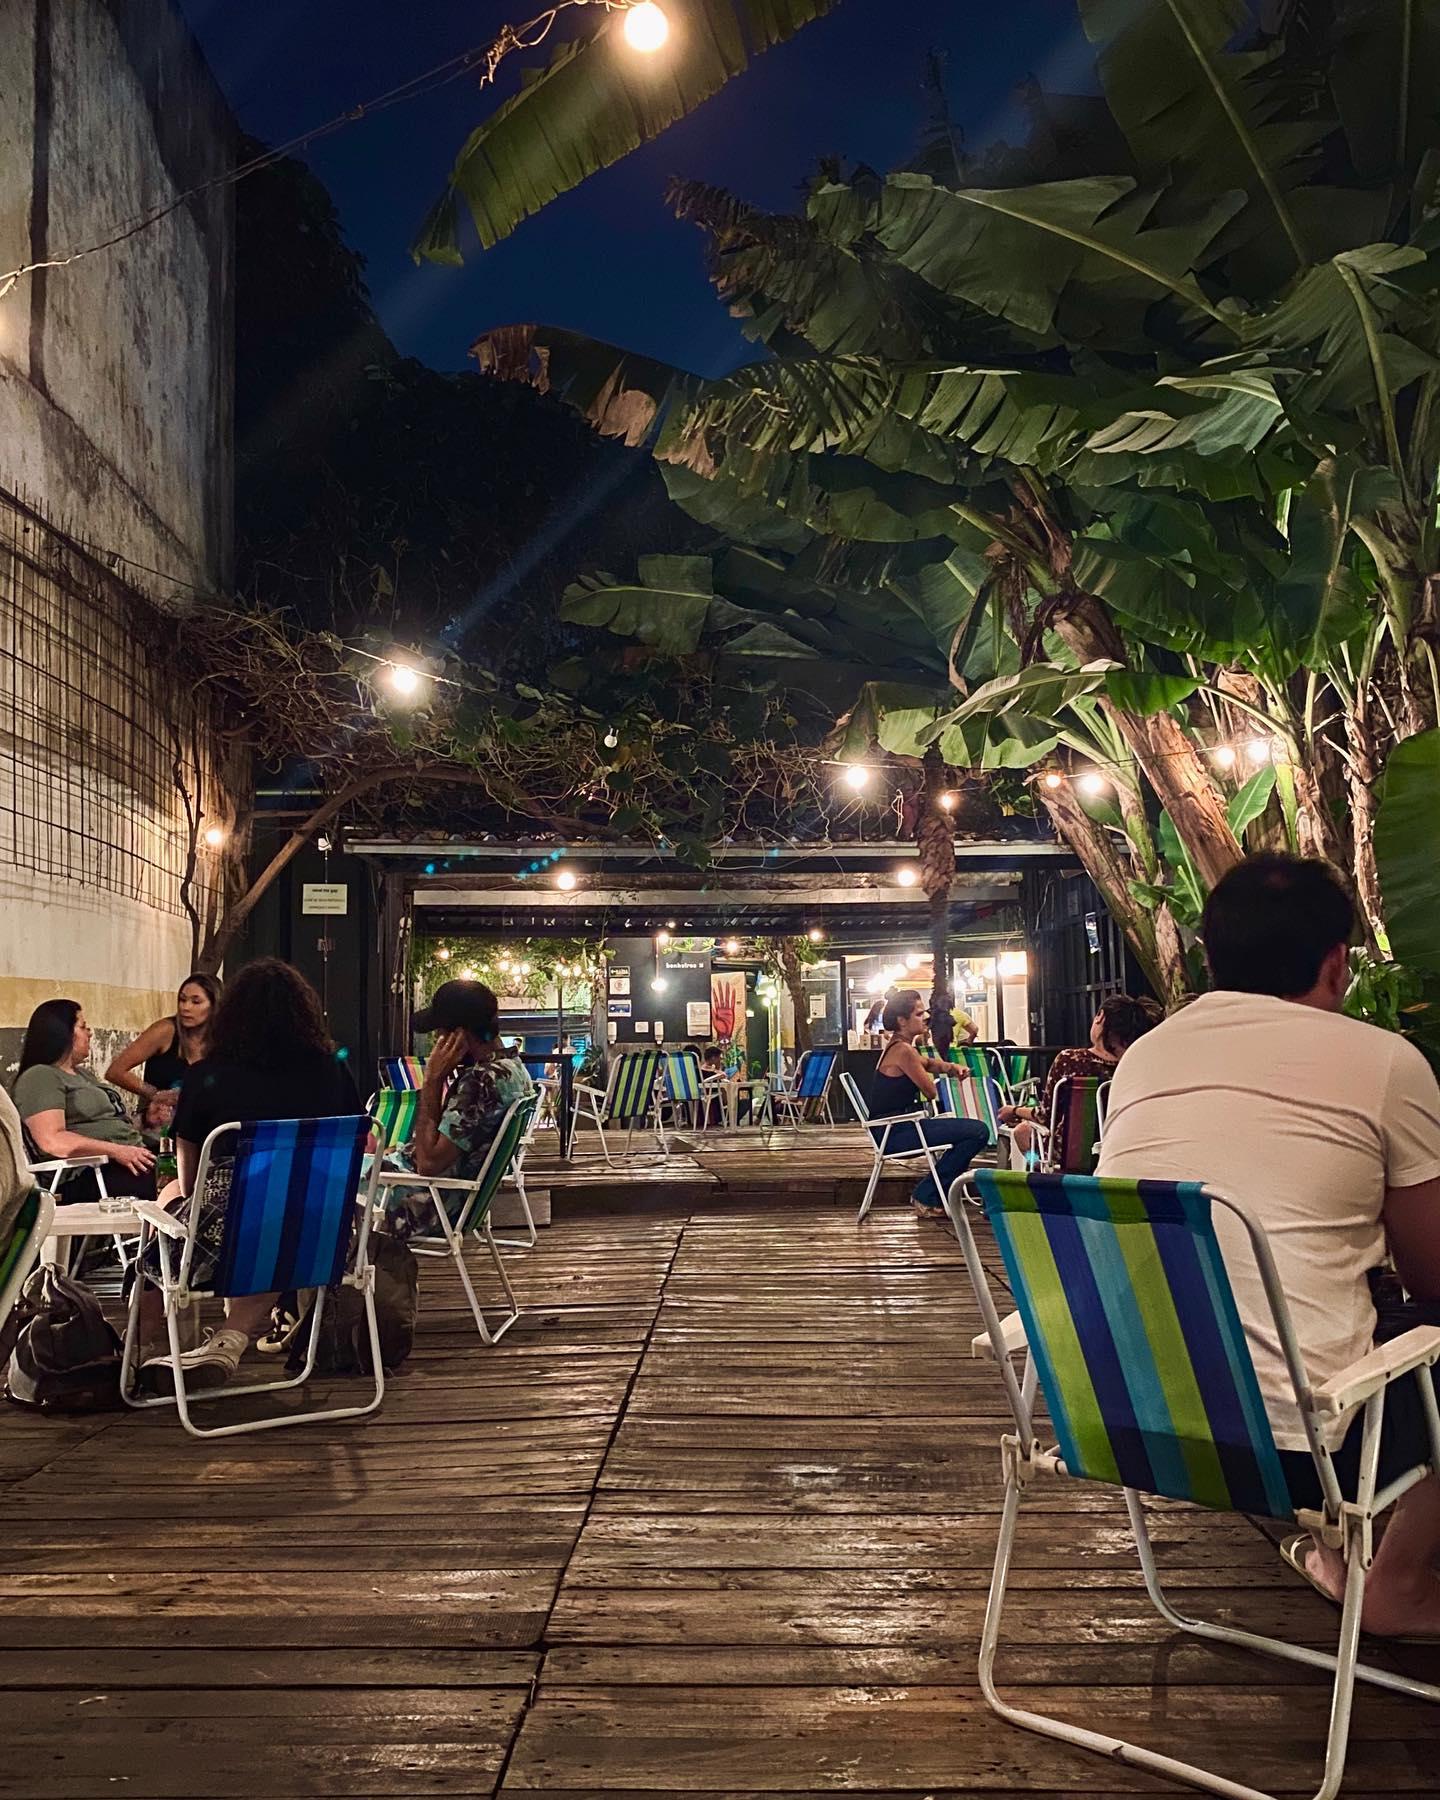 O bar Pitico é um dos principais nomes de Pinheiros. Sua estrutura foi contruída em um container e seus clientes senta-se em cadeiras de praia. Fonte: Facebook/Pitico